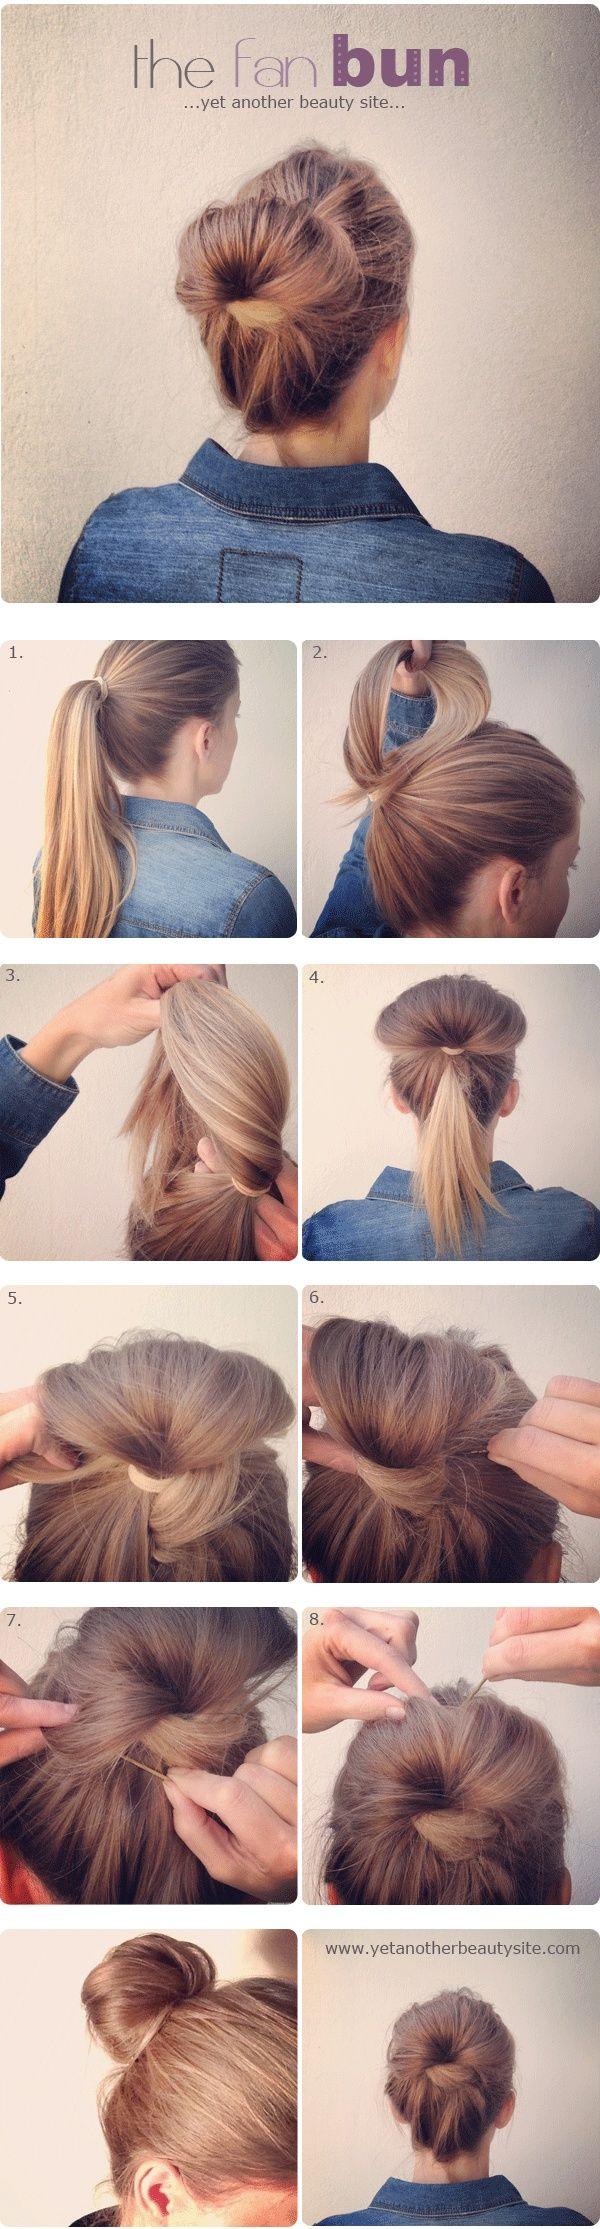 the fan bun how-to